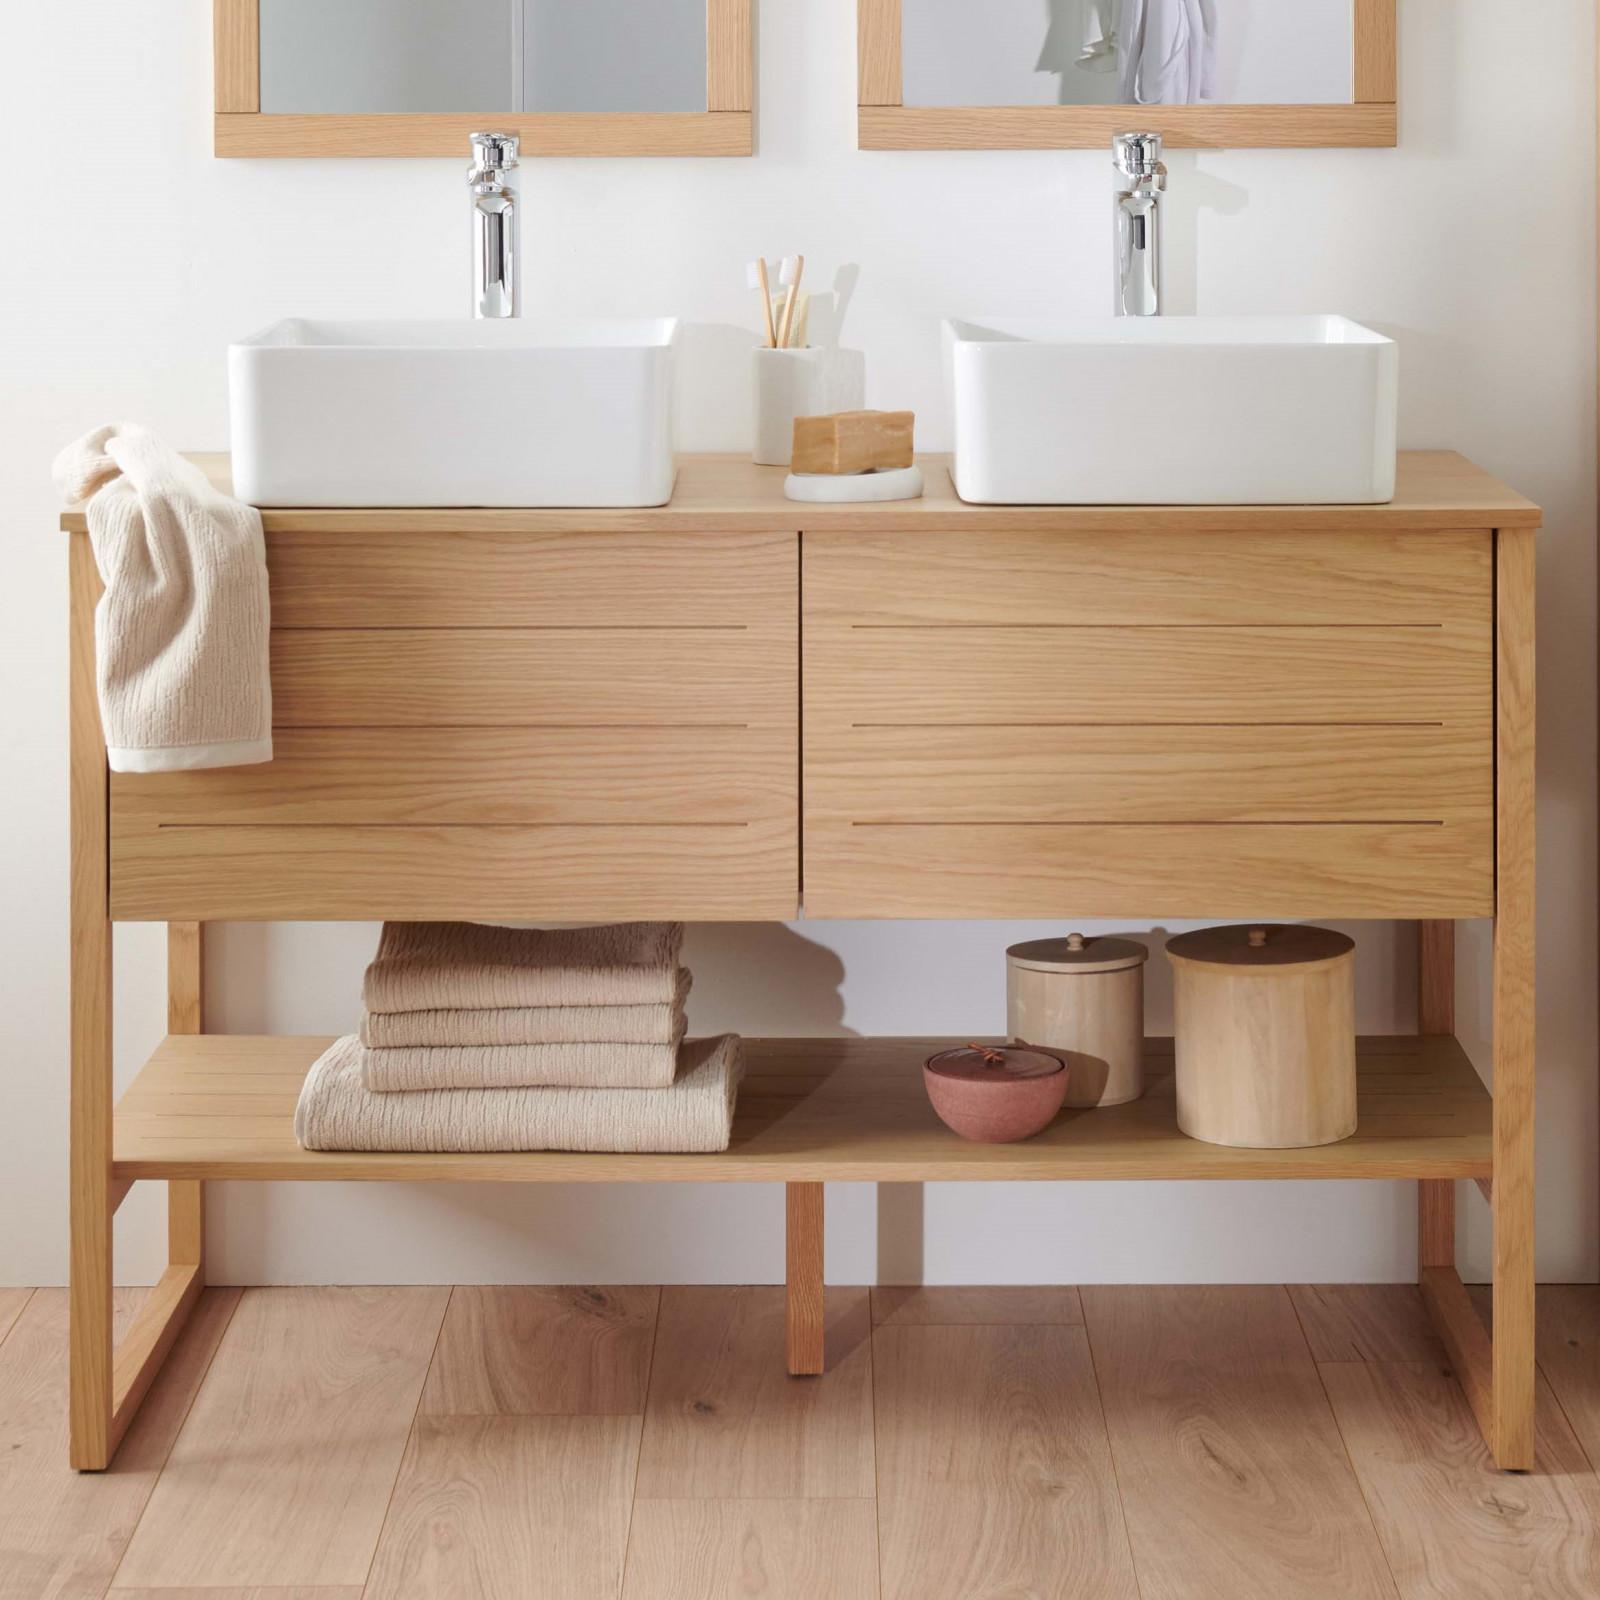 Meuble de salle de bain avec vasques effet bois clair